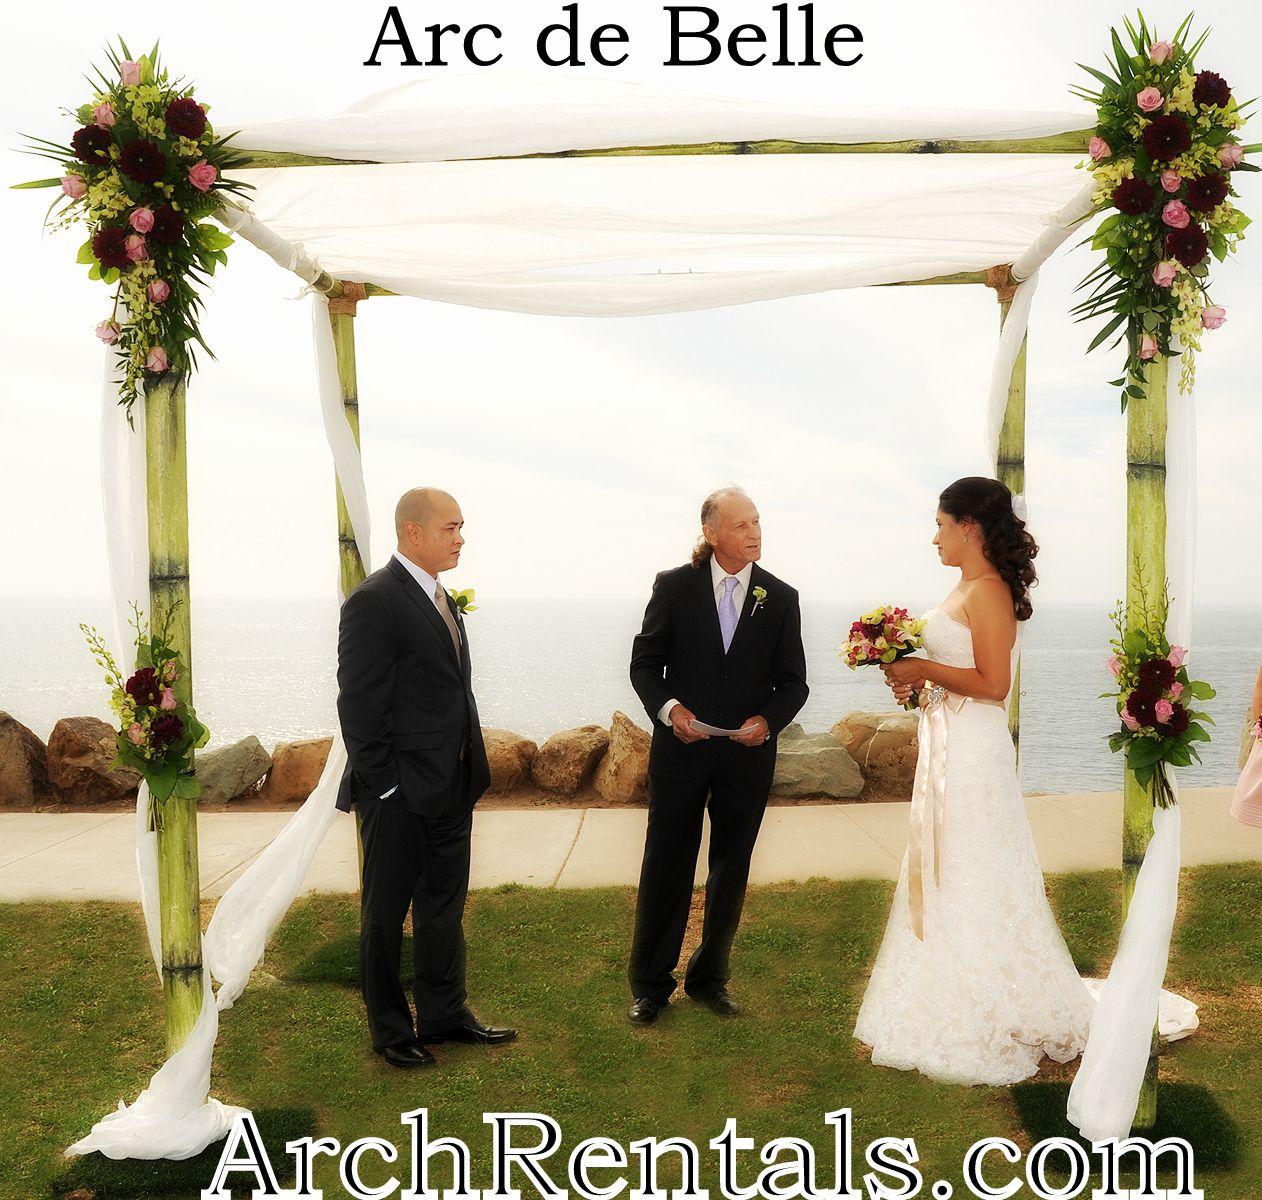 Arc De Belle 855 332 3553 Wedding Chuppah Chuppah Wedding Arch